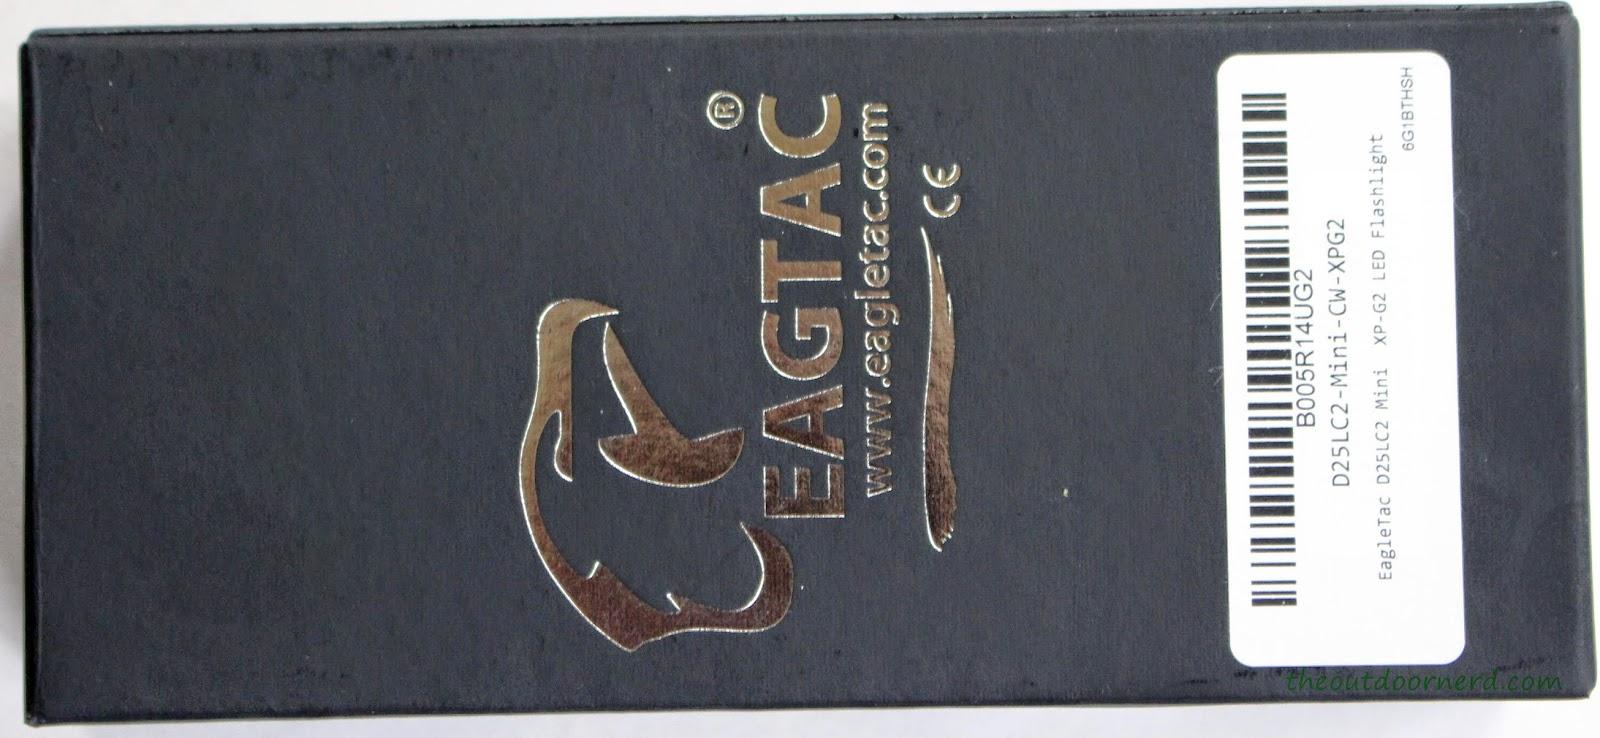 EagleTac D25LC2 Mini 18650 Flashlight Box 2